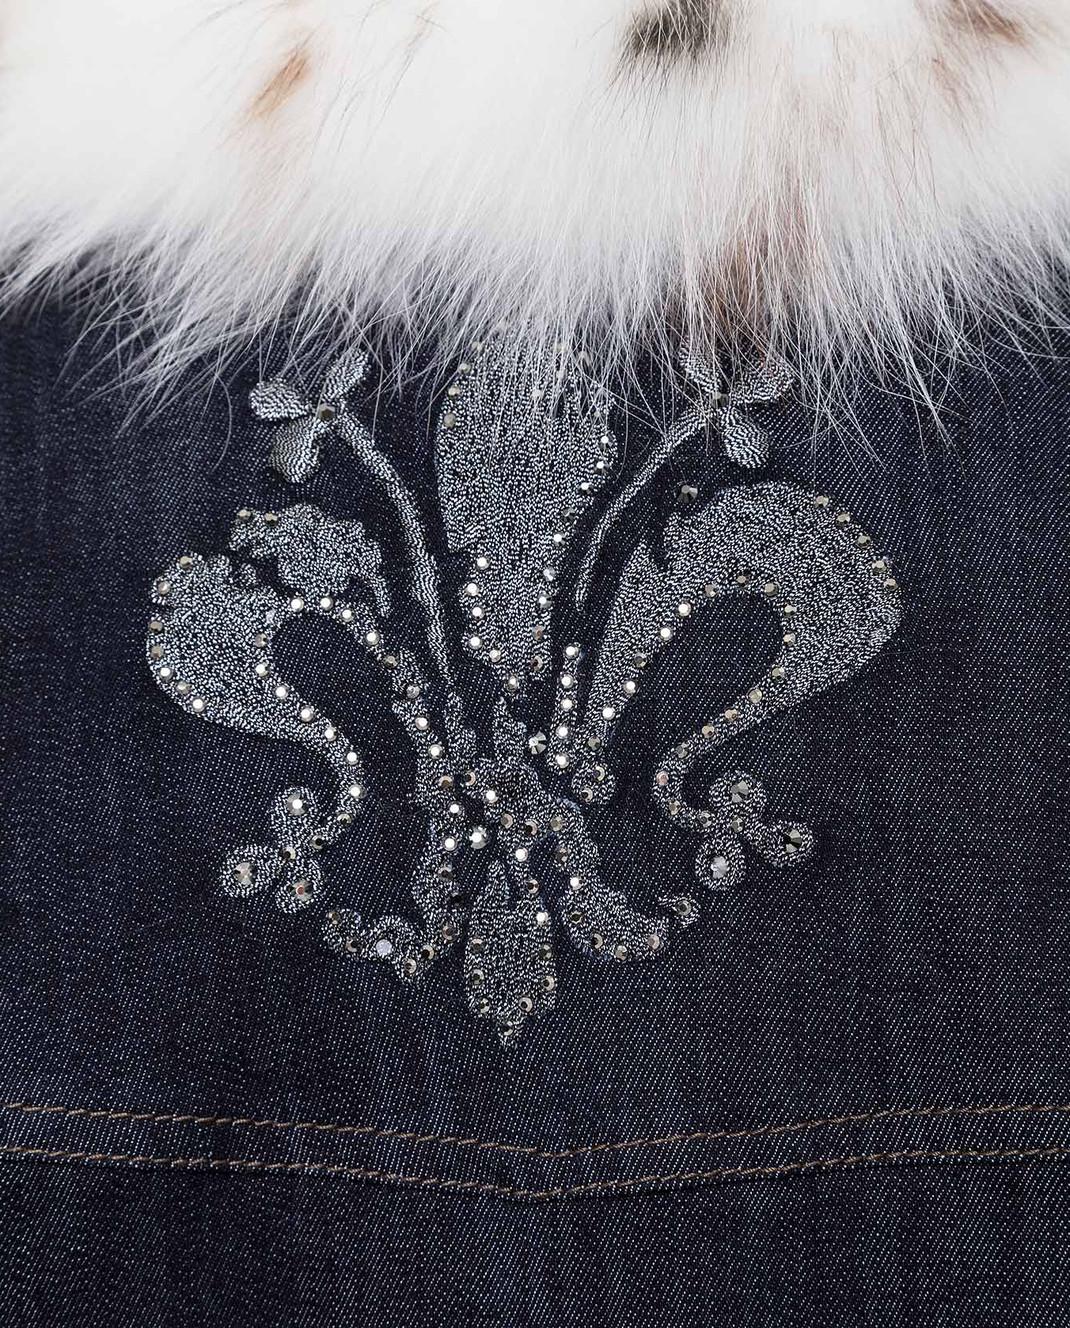 Florence Mode Темно-синяя куртка на меху STELLA изображение 5